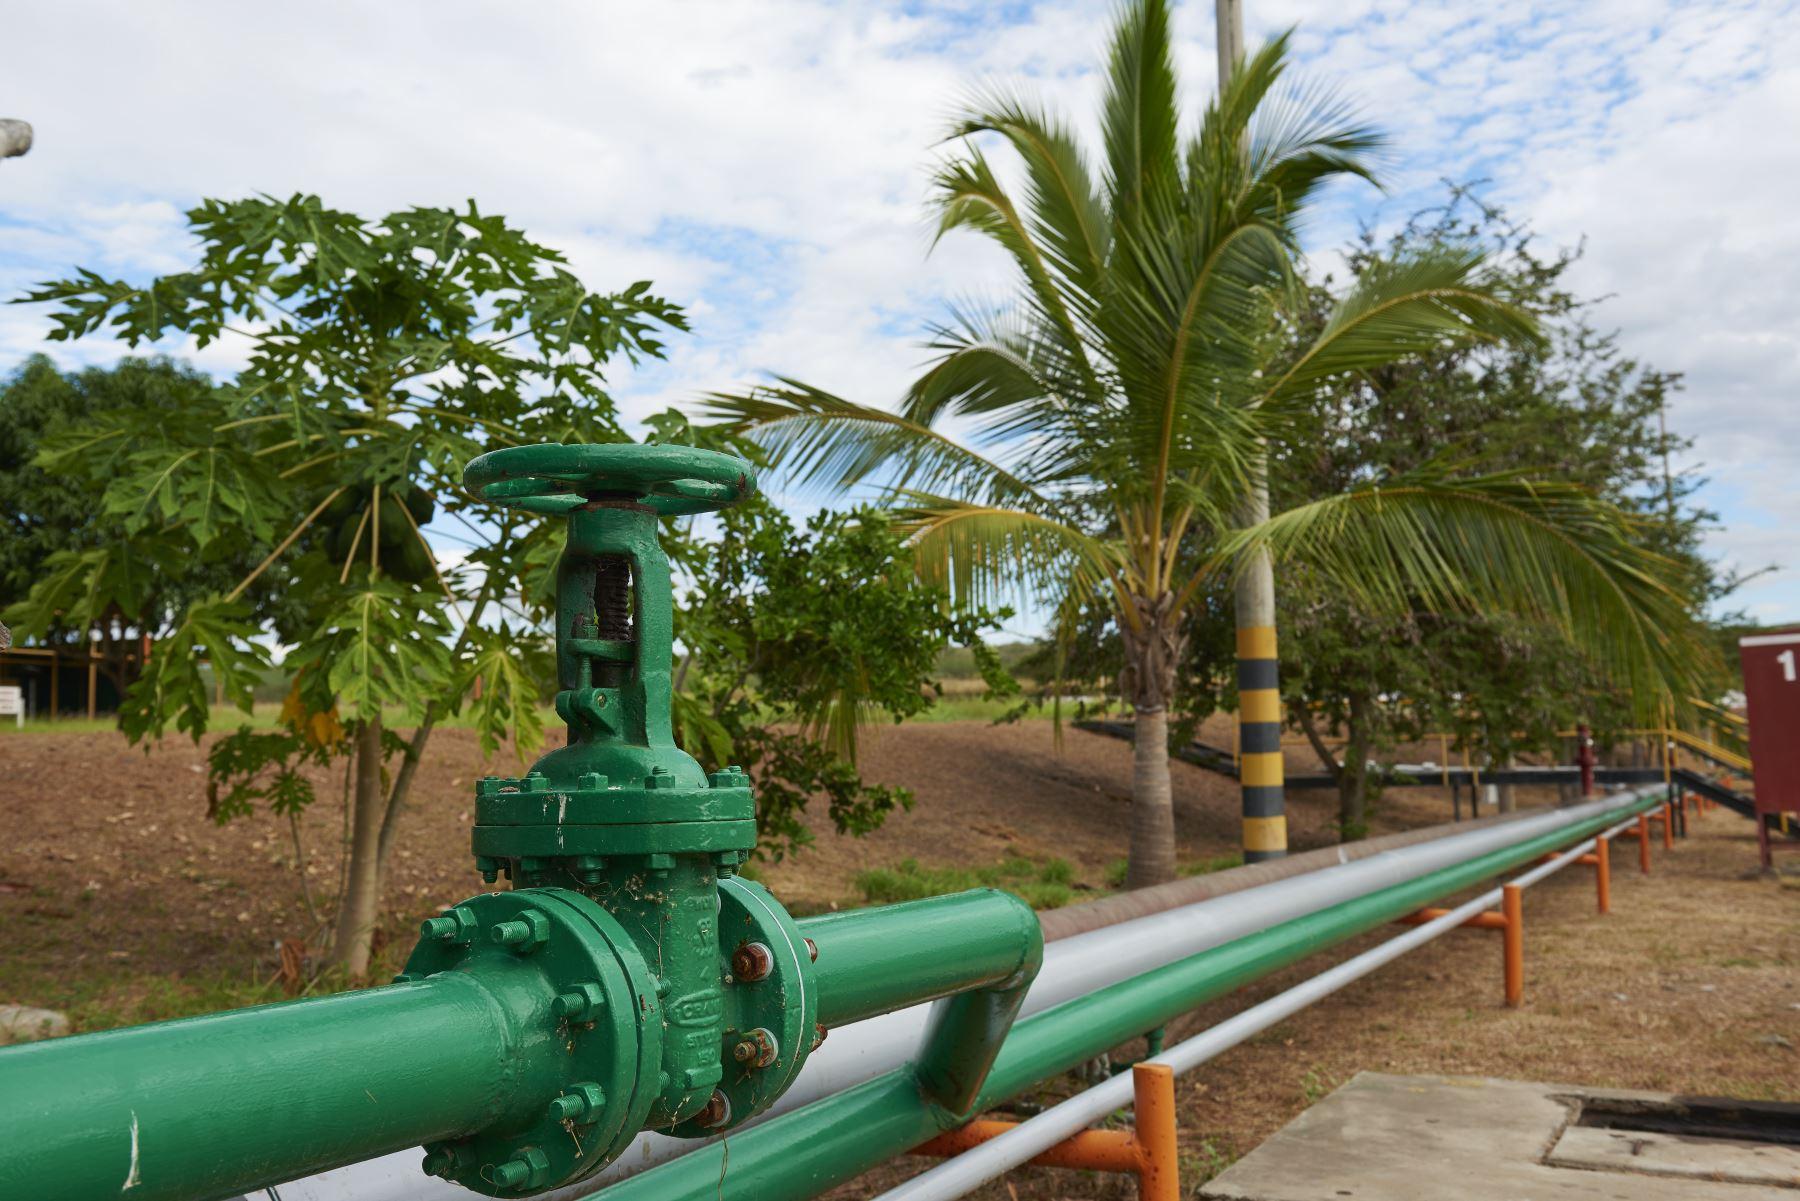 La crecida del río Pastaza causó una fisura en el Oleoducto Nor Peruano y eso provocó la presencia de manchas oleosas en el río Pastaza, en Loreto. ANDINA/Difusión